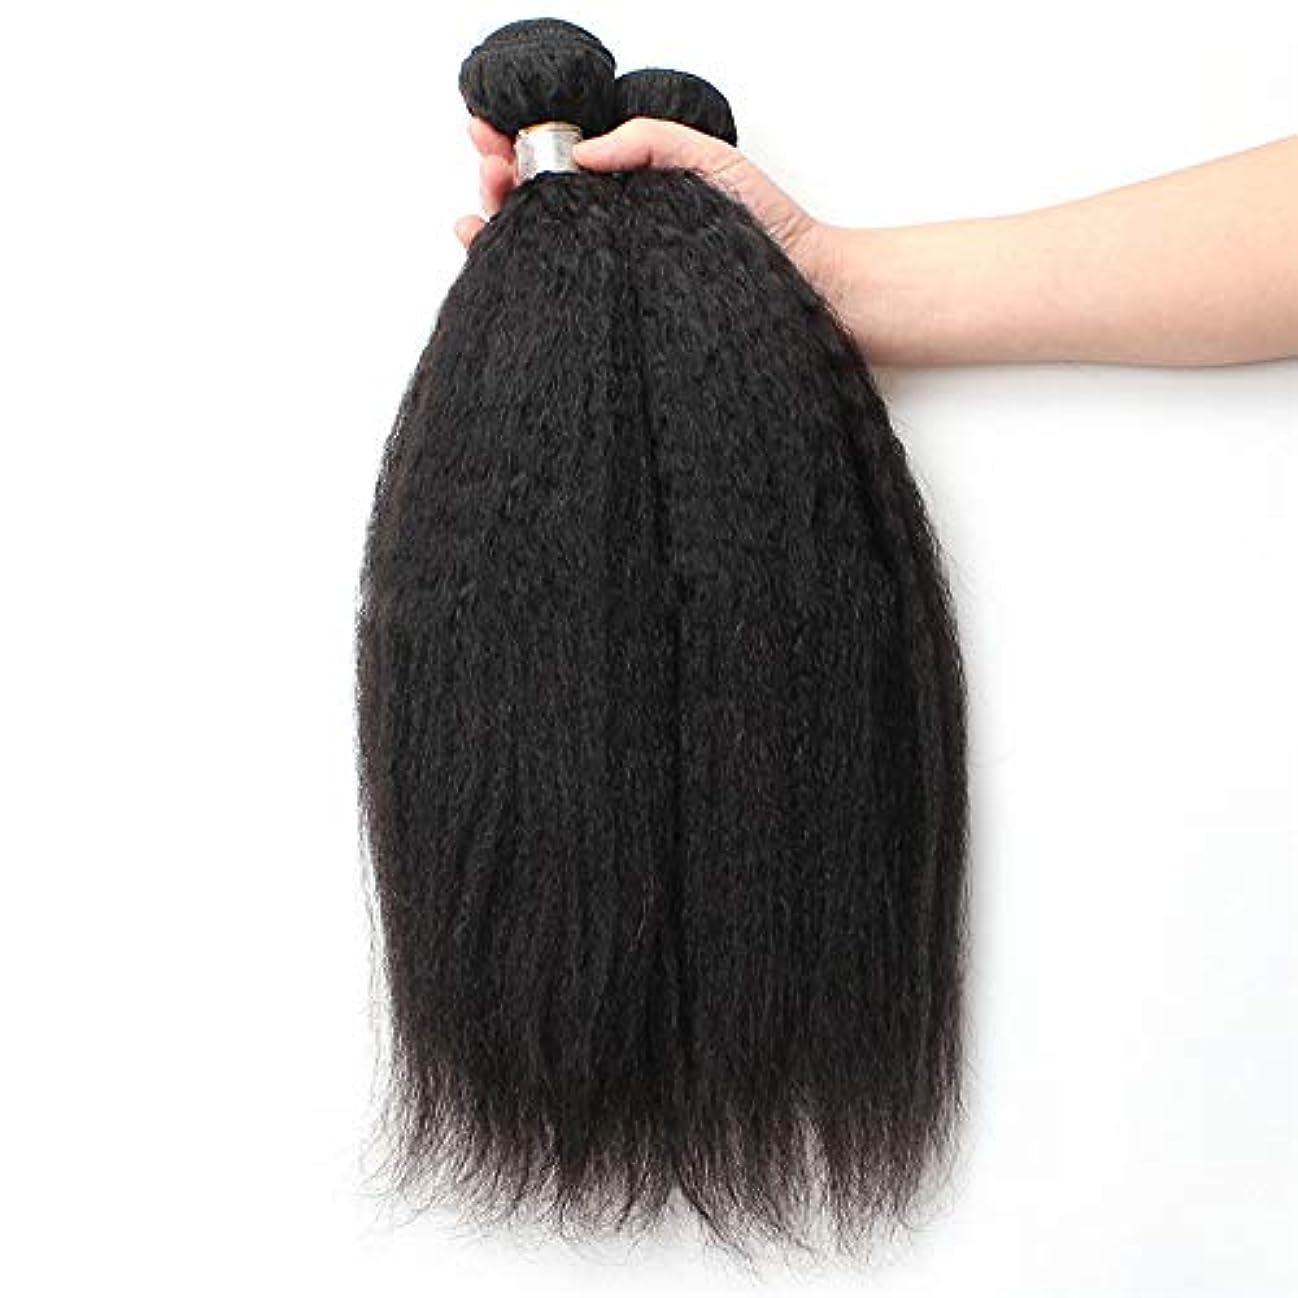 危険を冒しますバルクスラックWASAIO 閉鎖ボディ未処理の拡張機能生物黒着色1つのバンドルにブラジルのキンキーストレート人間の髪織り (色 : 黒, サイズ : 22 inch)